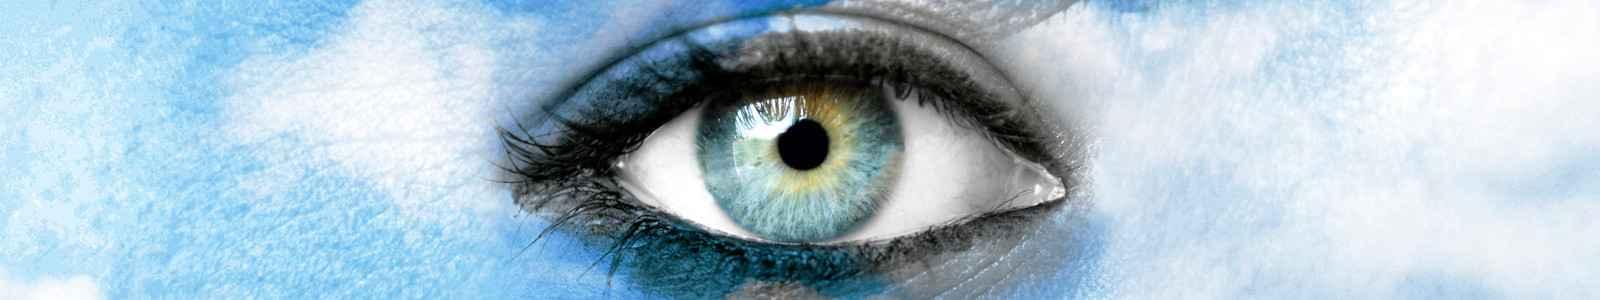 1008-clarity-spiritualitet-og-bevidsthed-karina-bundgaard-1600x300